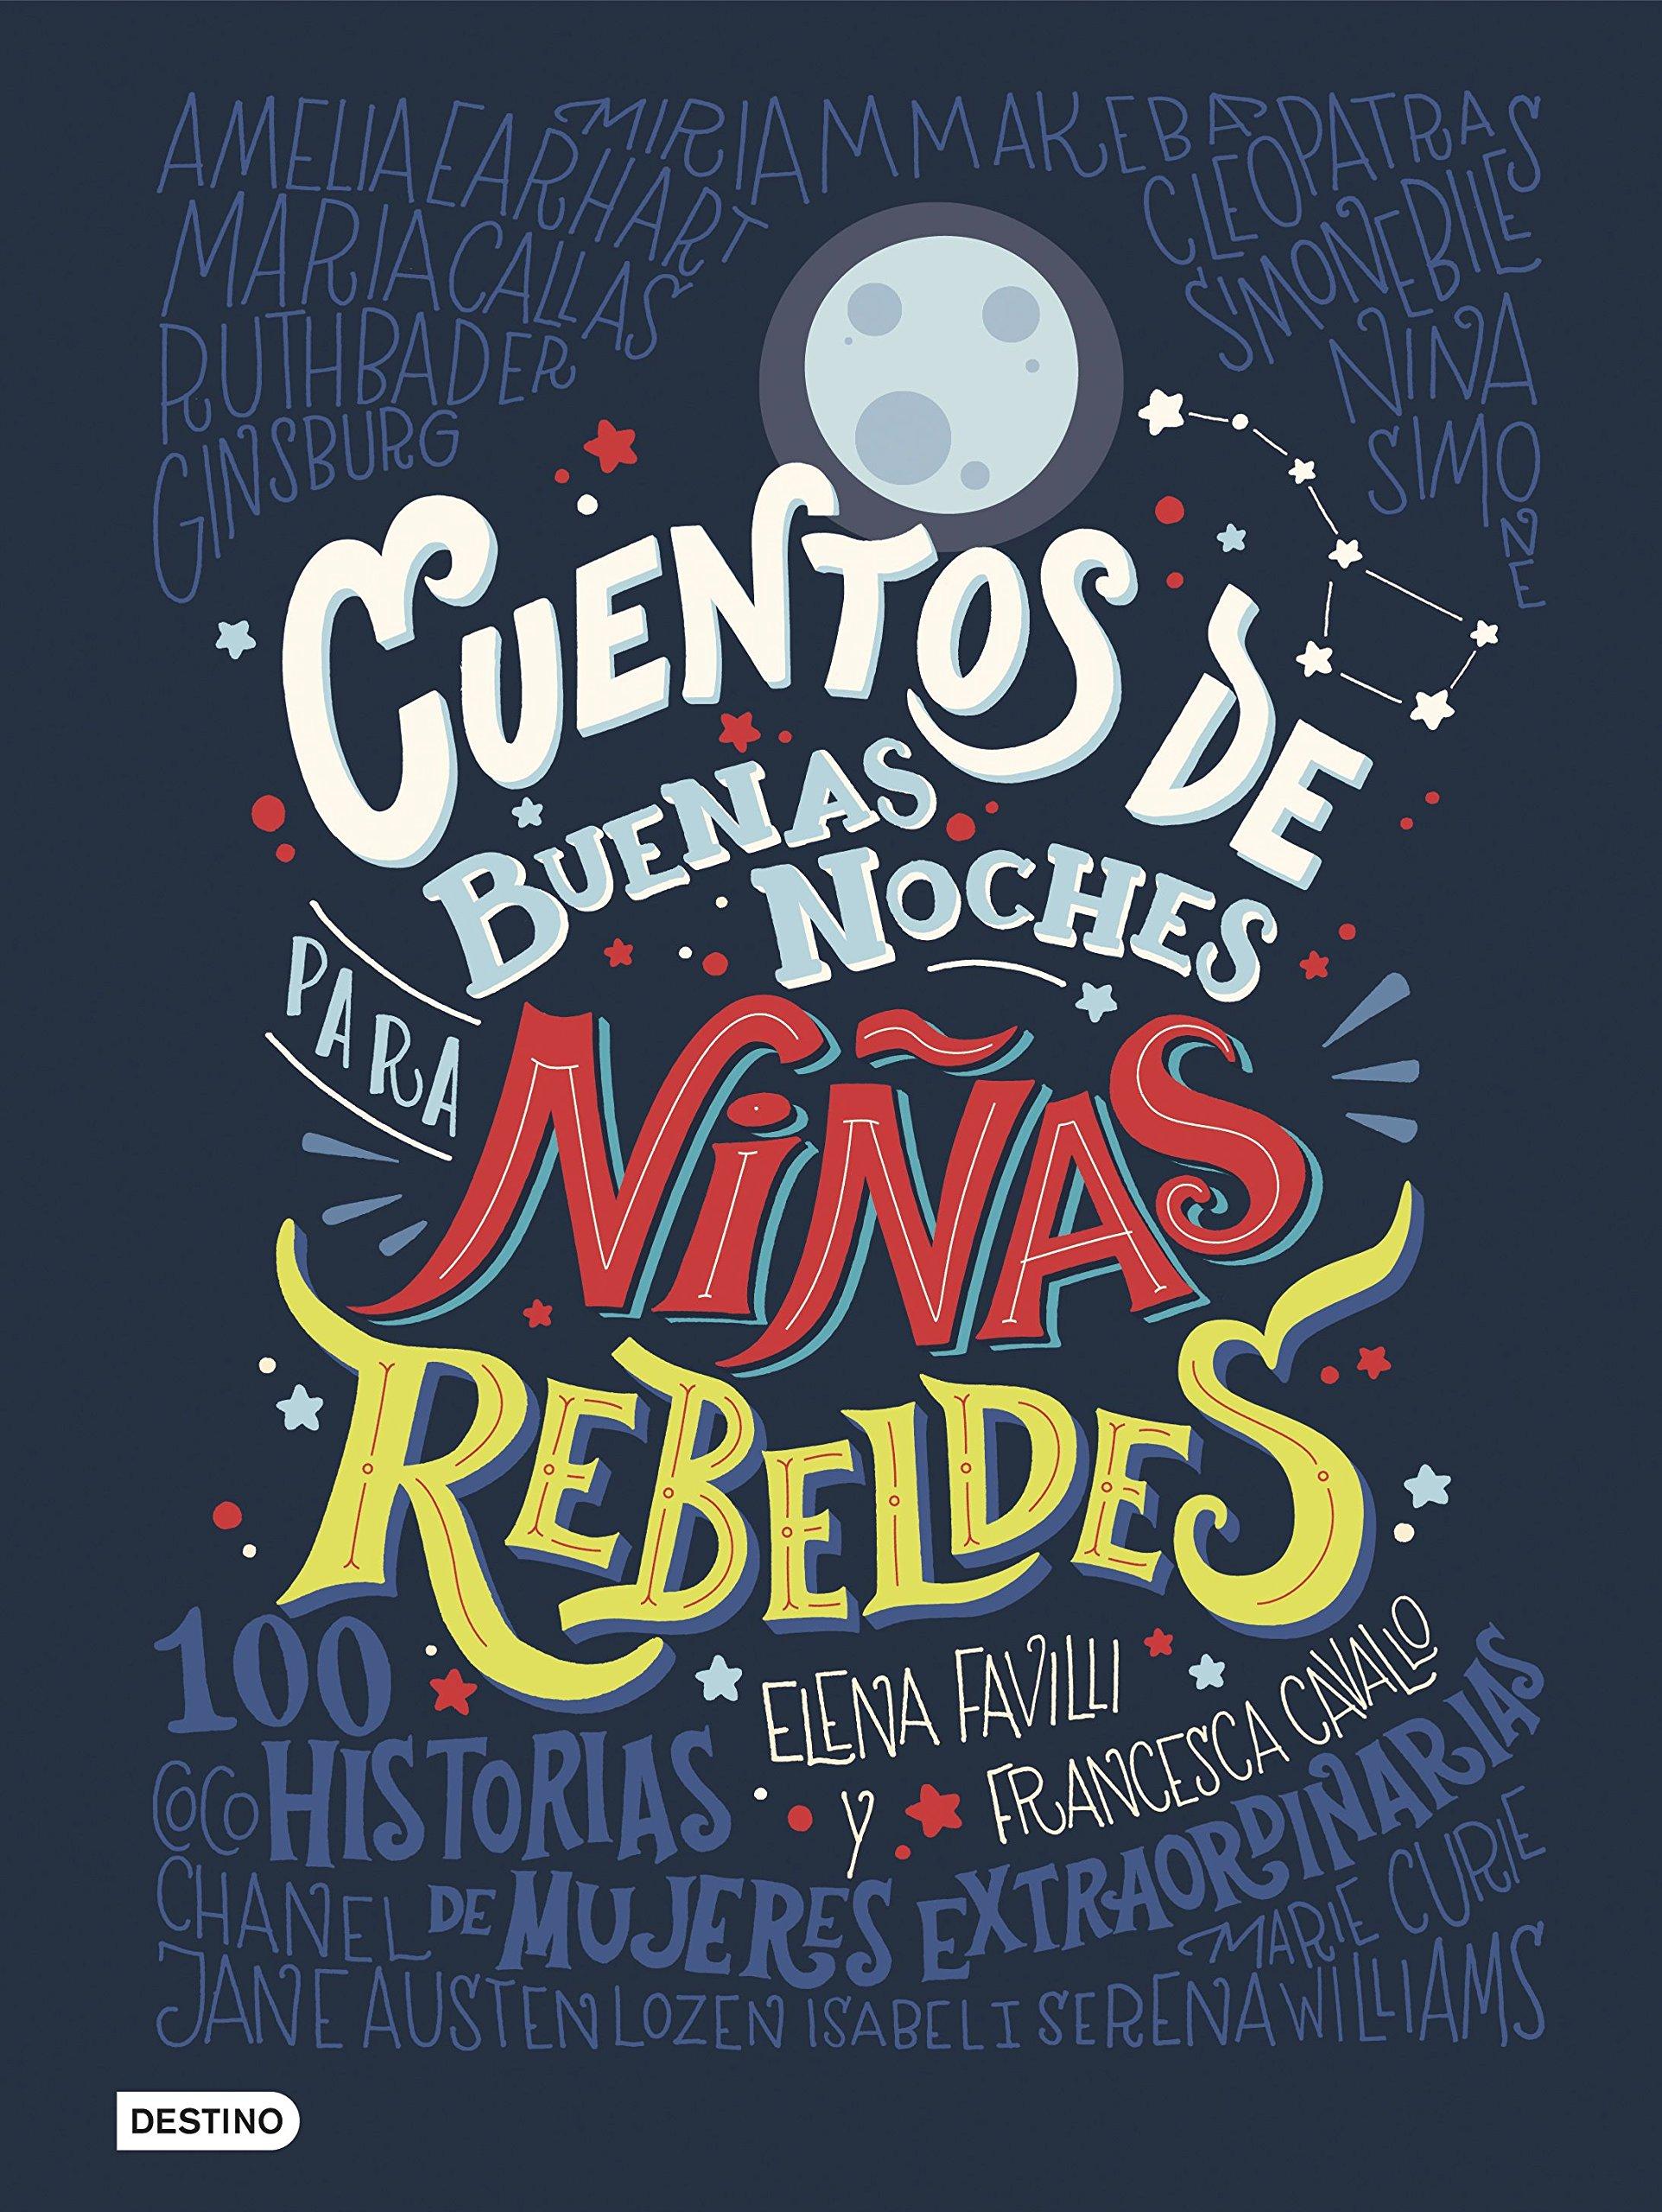 Portada libro - Cuentos de buenas noches para niñas rebeldes: 100 historias de mujeres extraordinarias